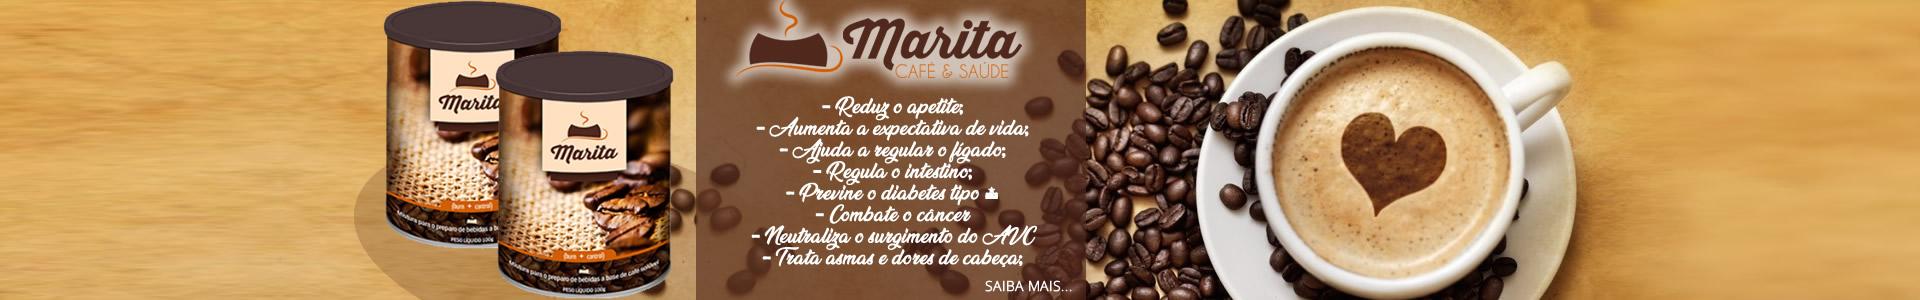 Café Marita